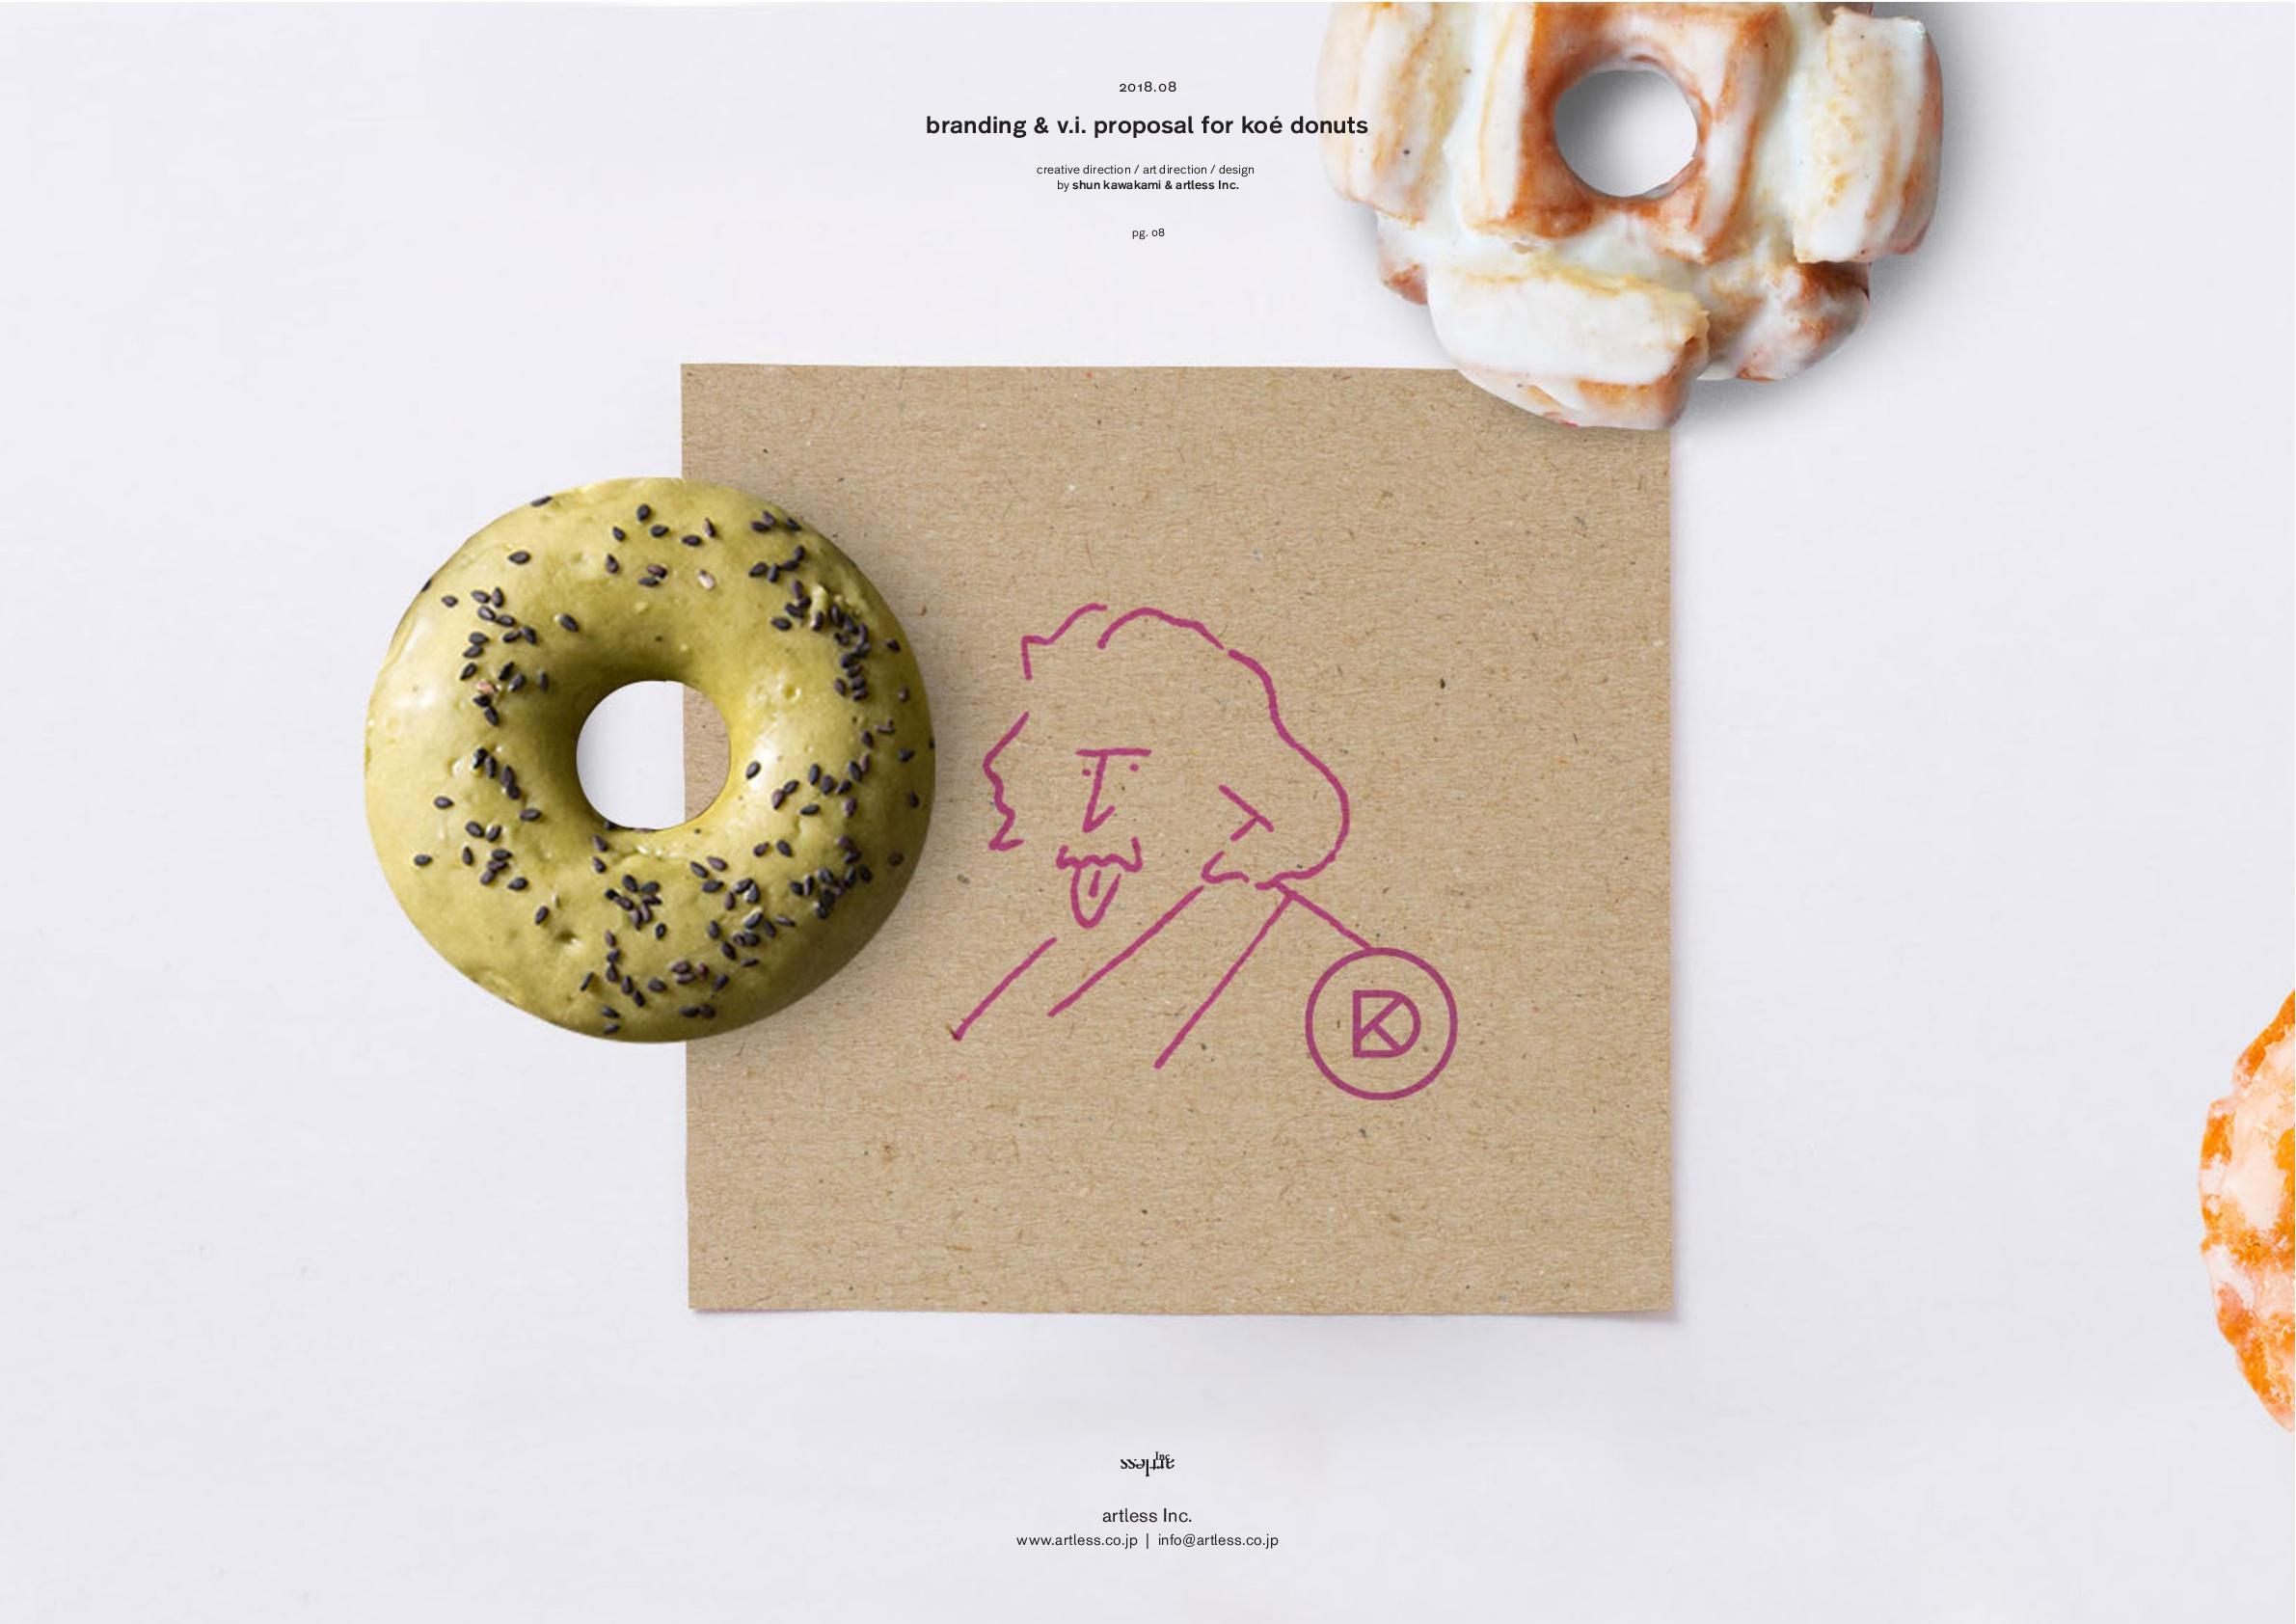 koé donuts(koé donuts)